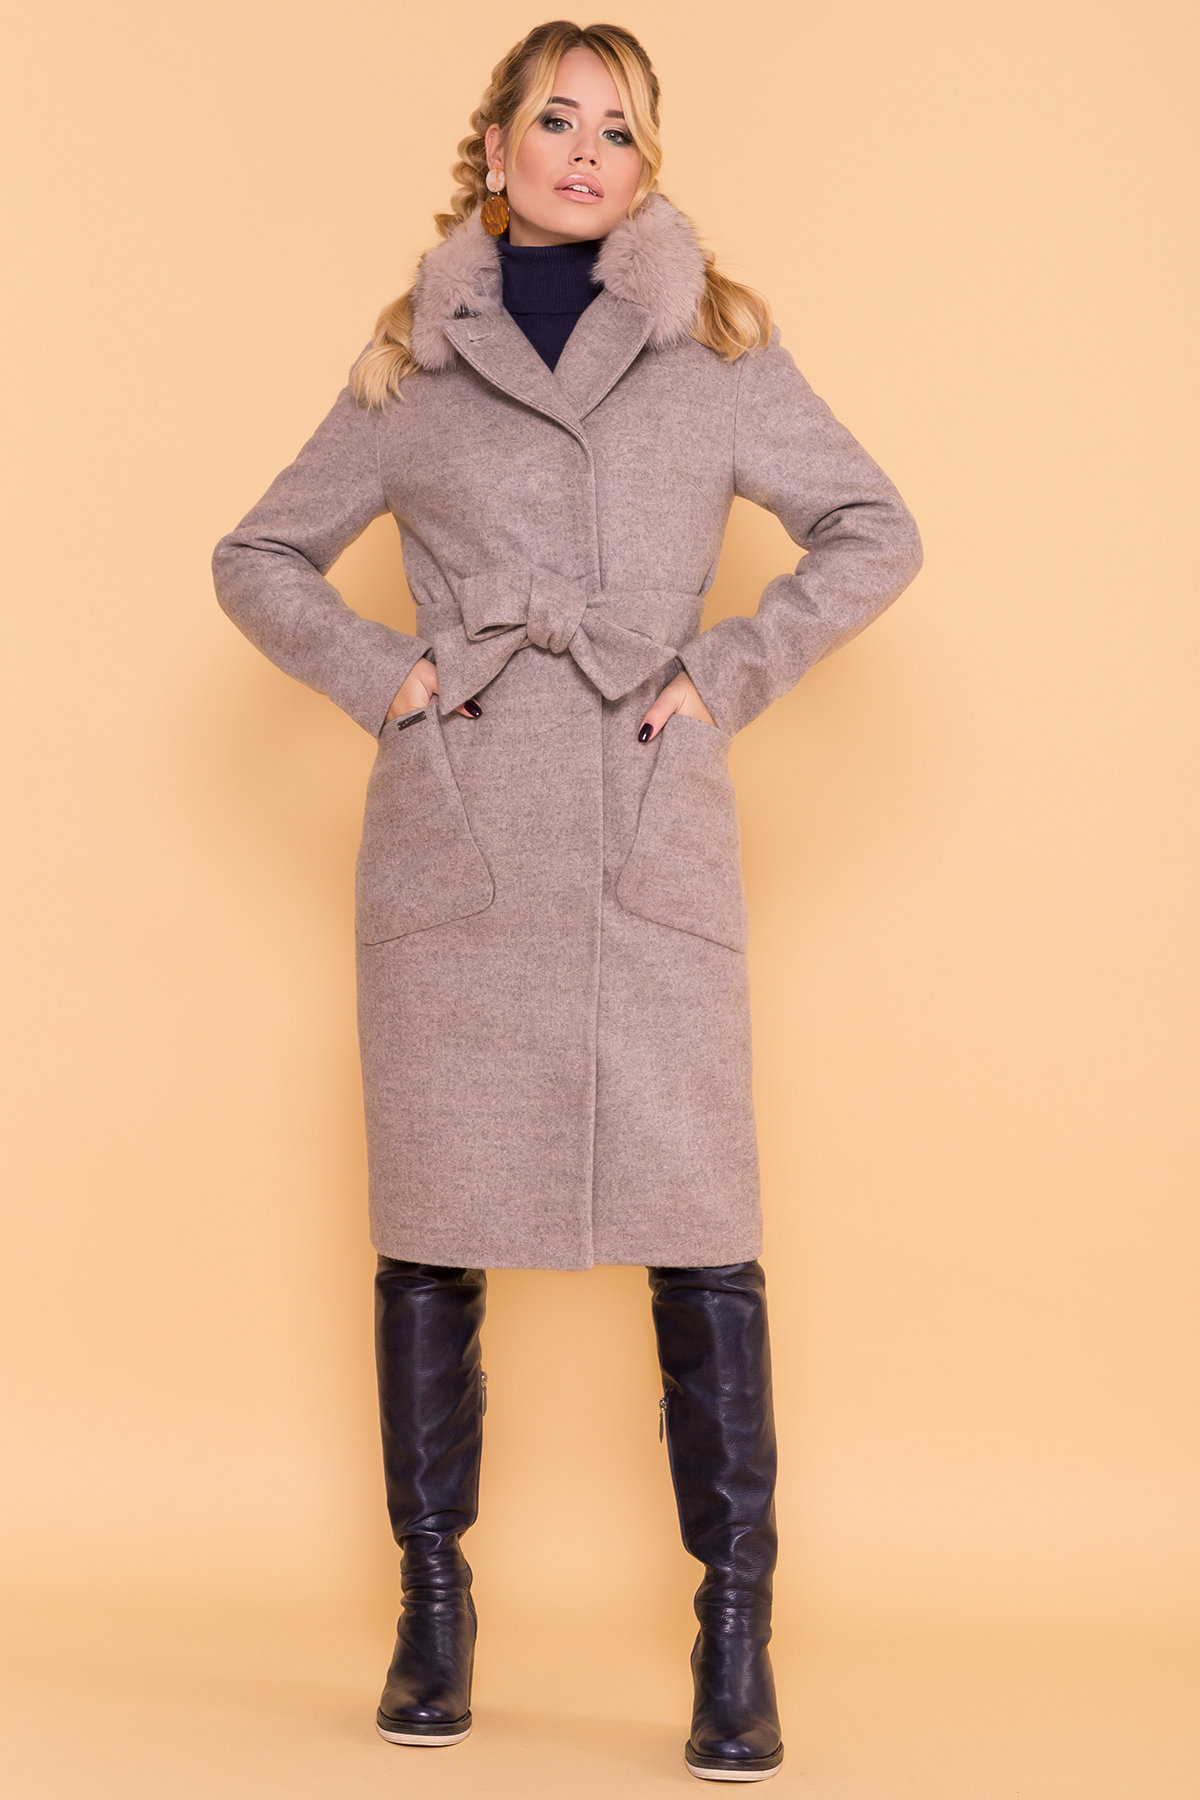 Стильное зимнее женское пальто от Modus Зимнее пальто с натуральным песцом Анатес лайт 5570